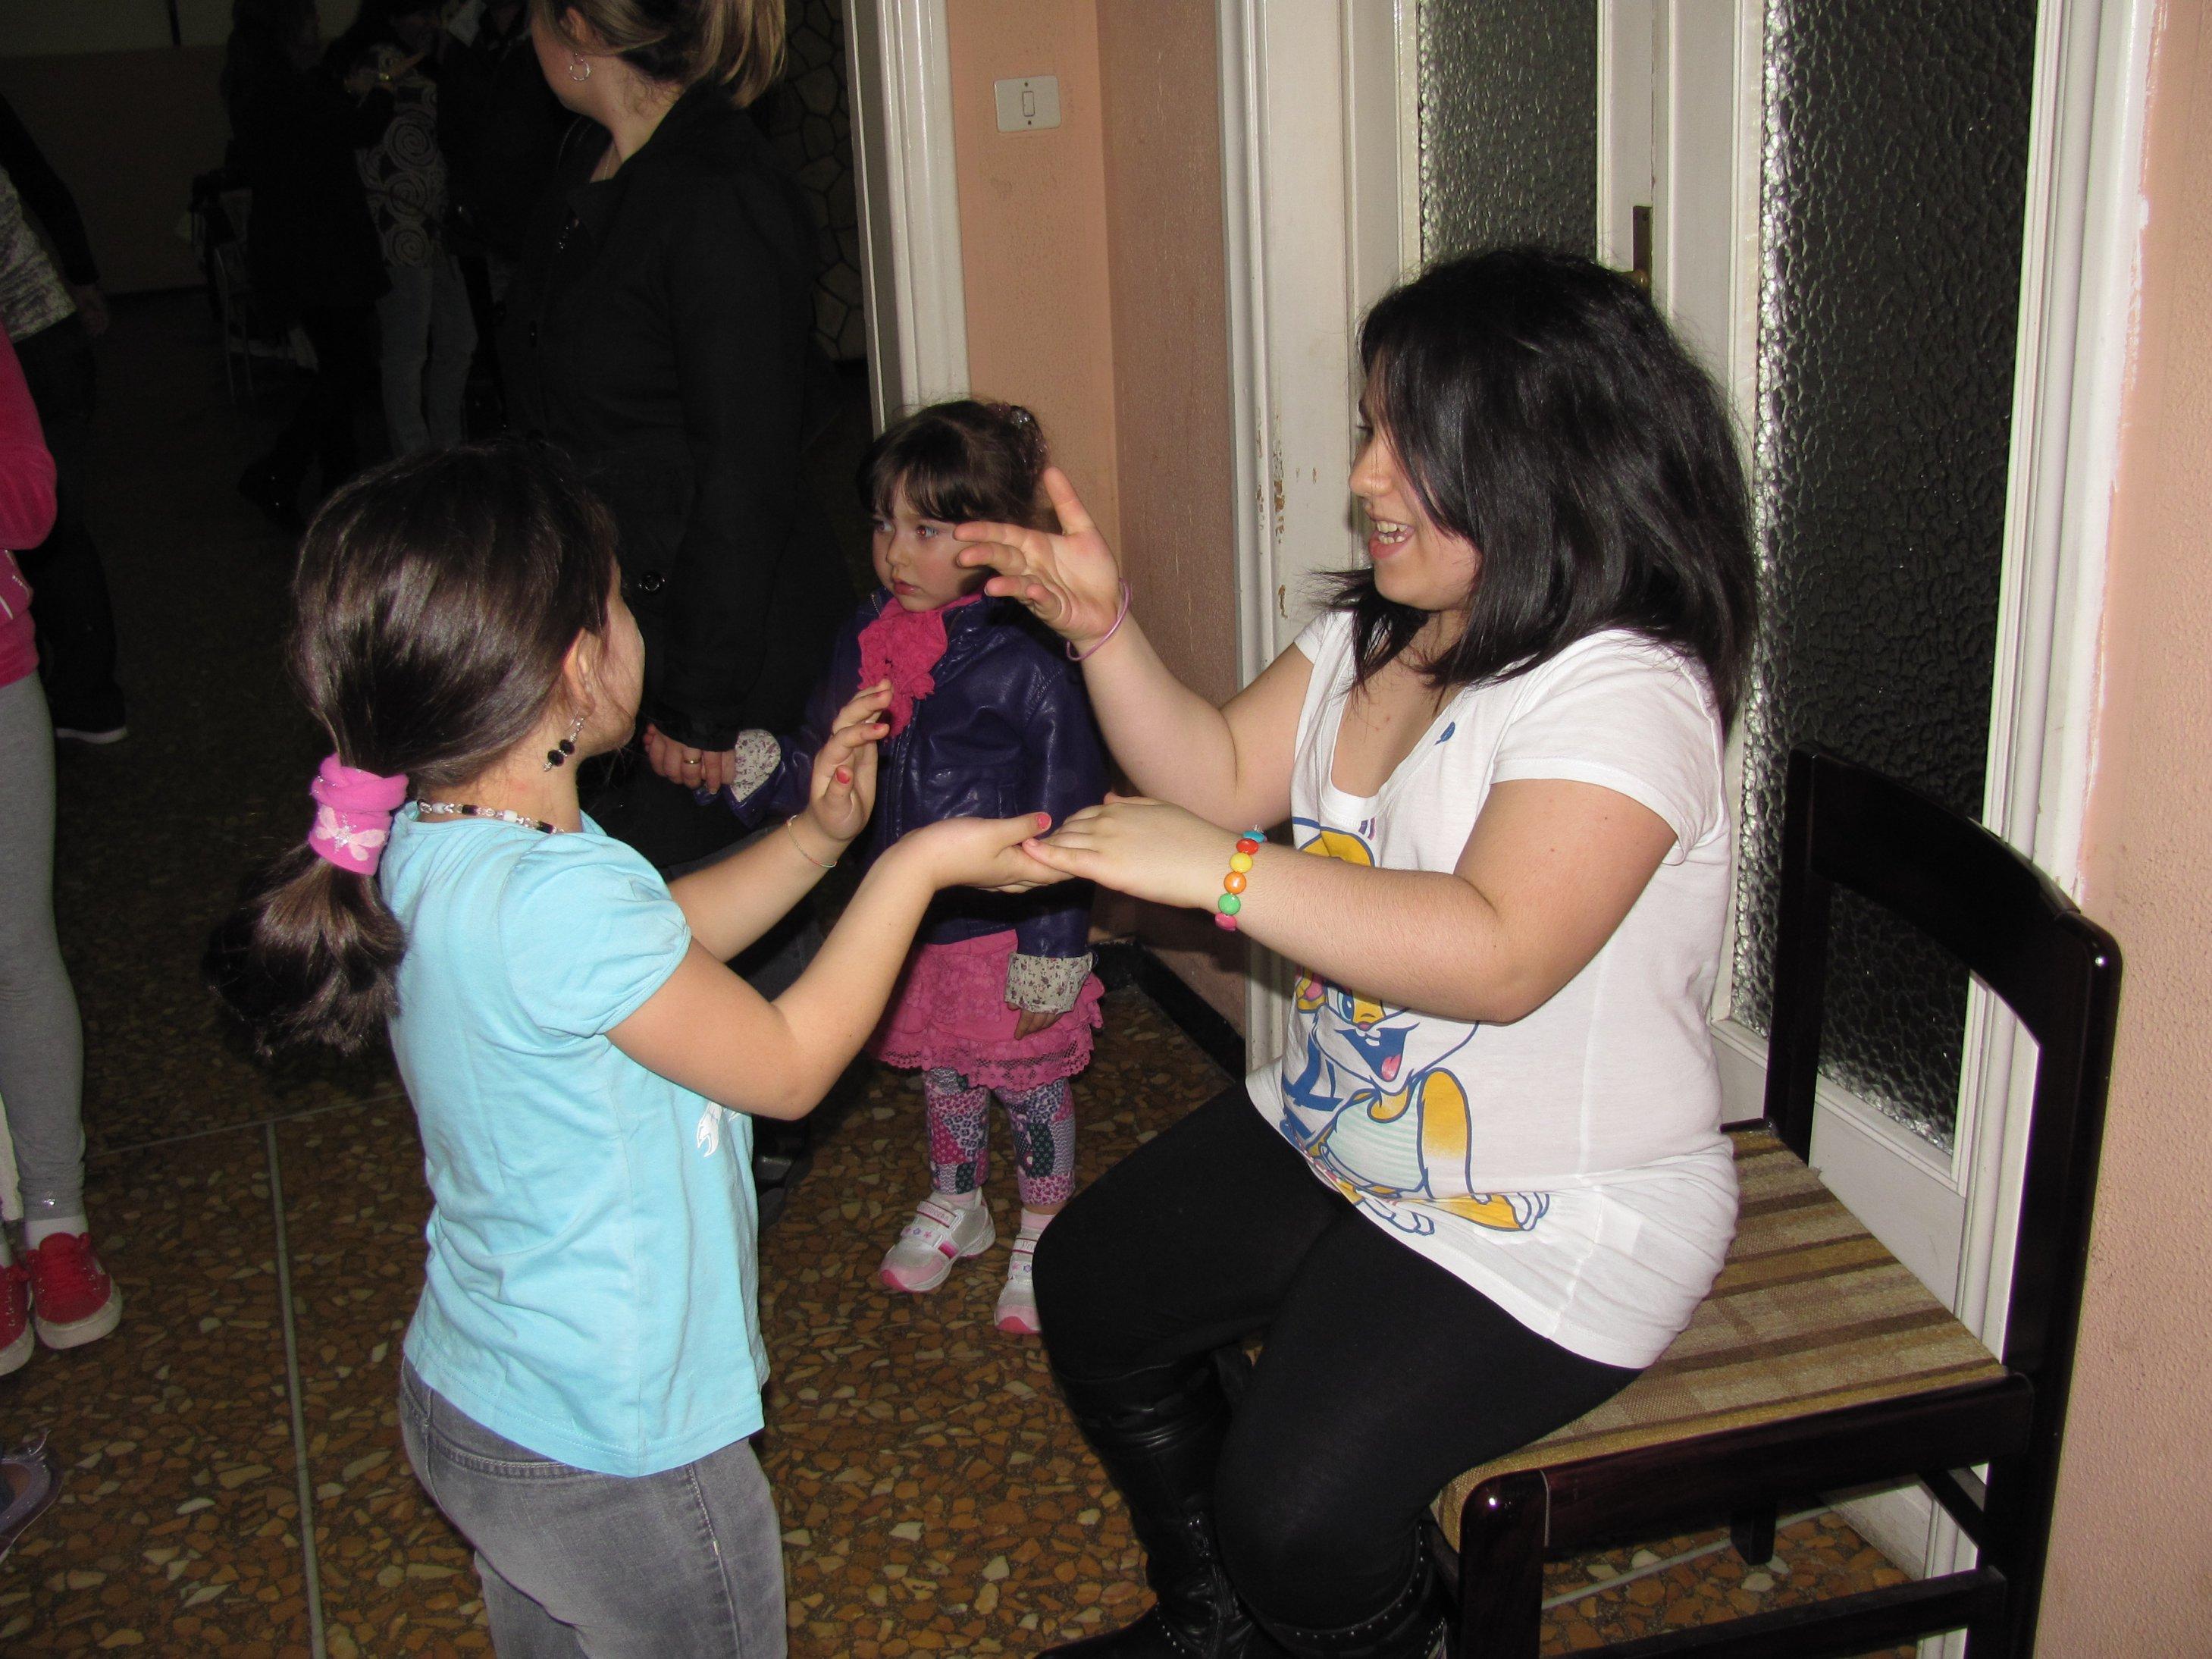 cena_prima_comunione_2012-04-28-21-15-03